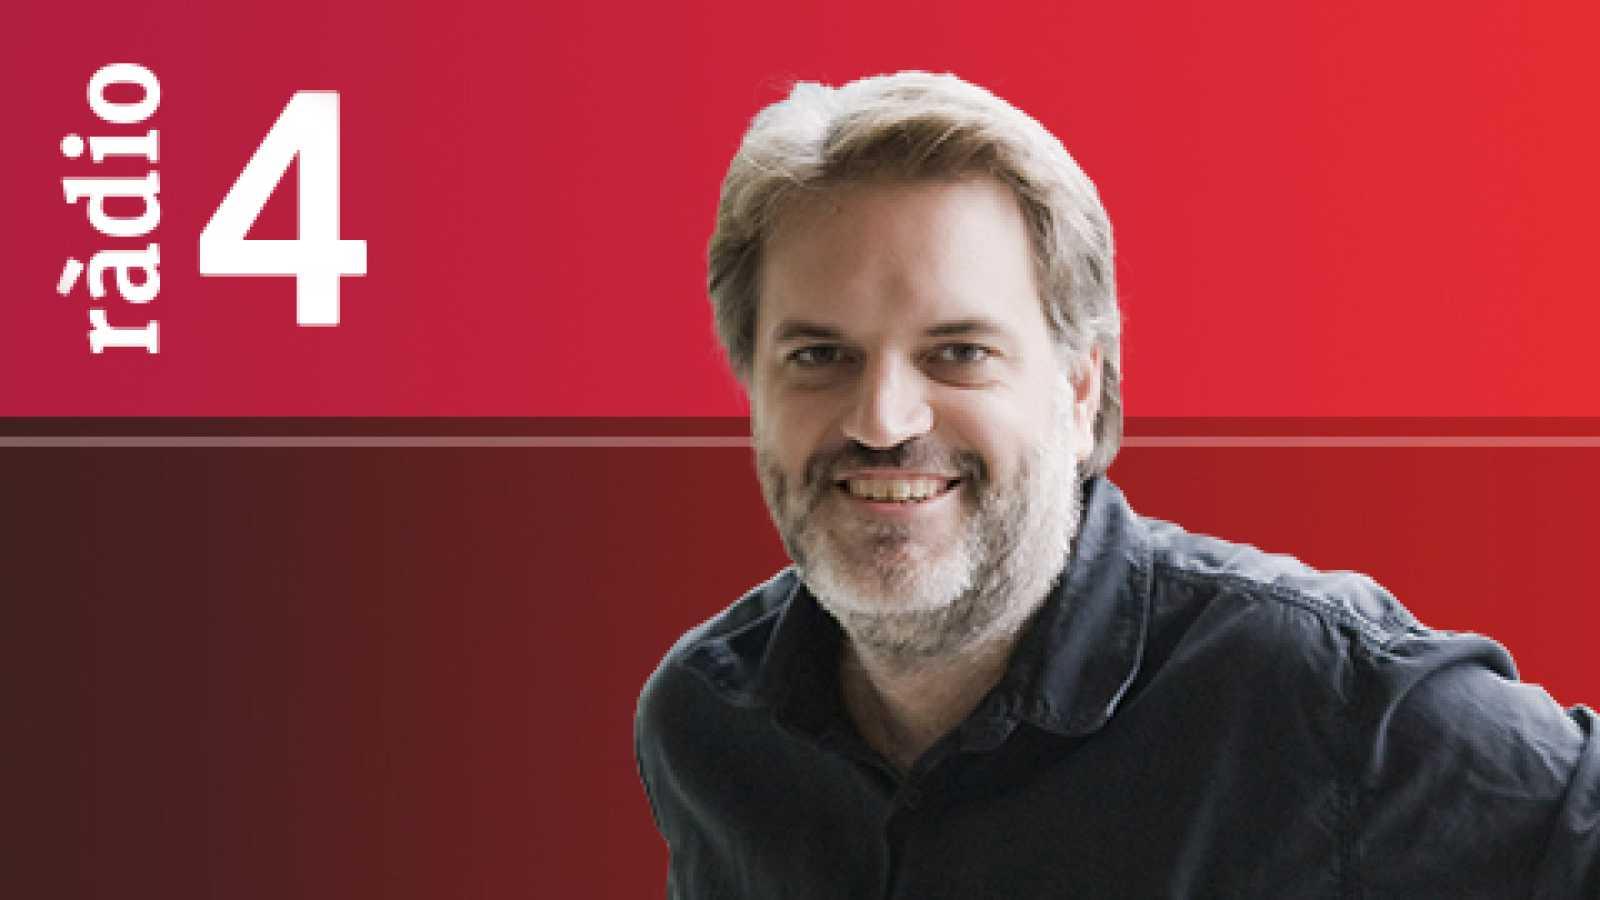 El matí a Ràdio 4 - Screenam: David Serra. Tertúlia d'Esports. Periodista de 'Panenka'